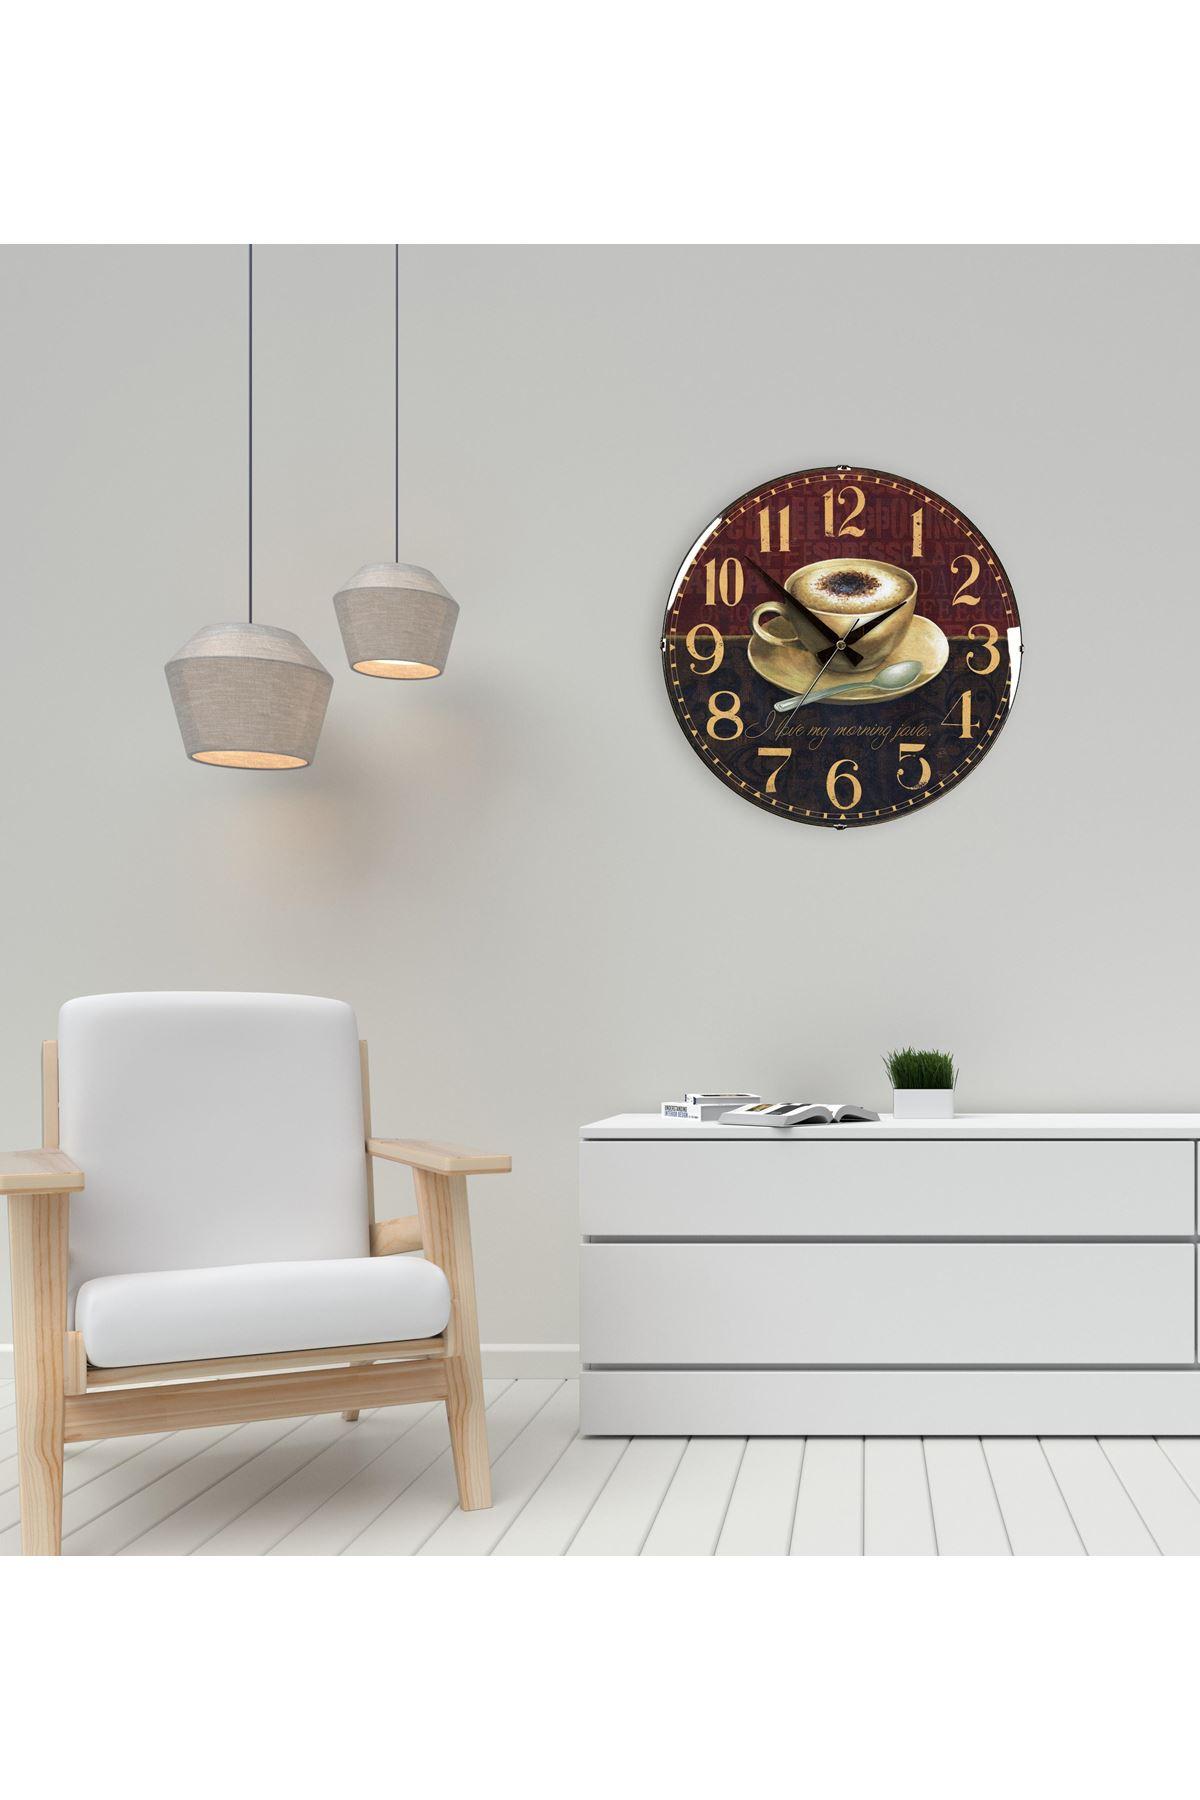 Rikon Kahve Fincanı Dekoratif Bombe Camlı Duvar Saati 35X35 Cm